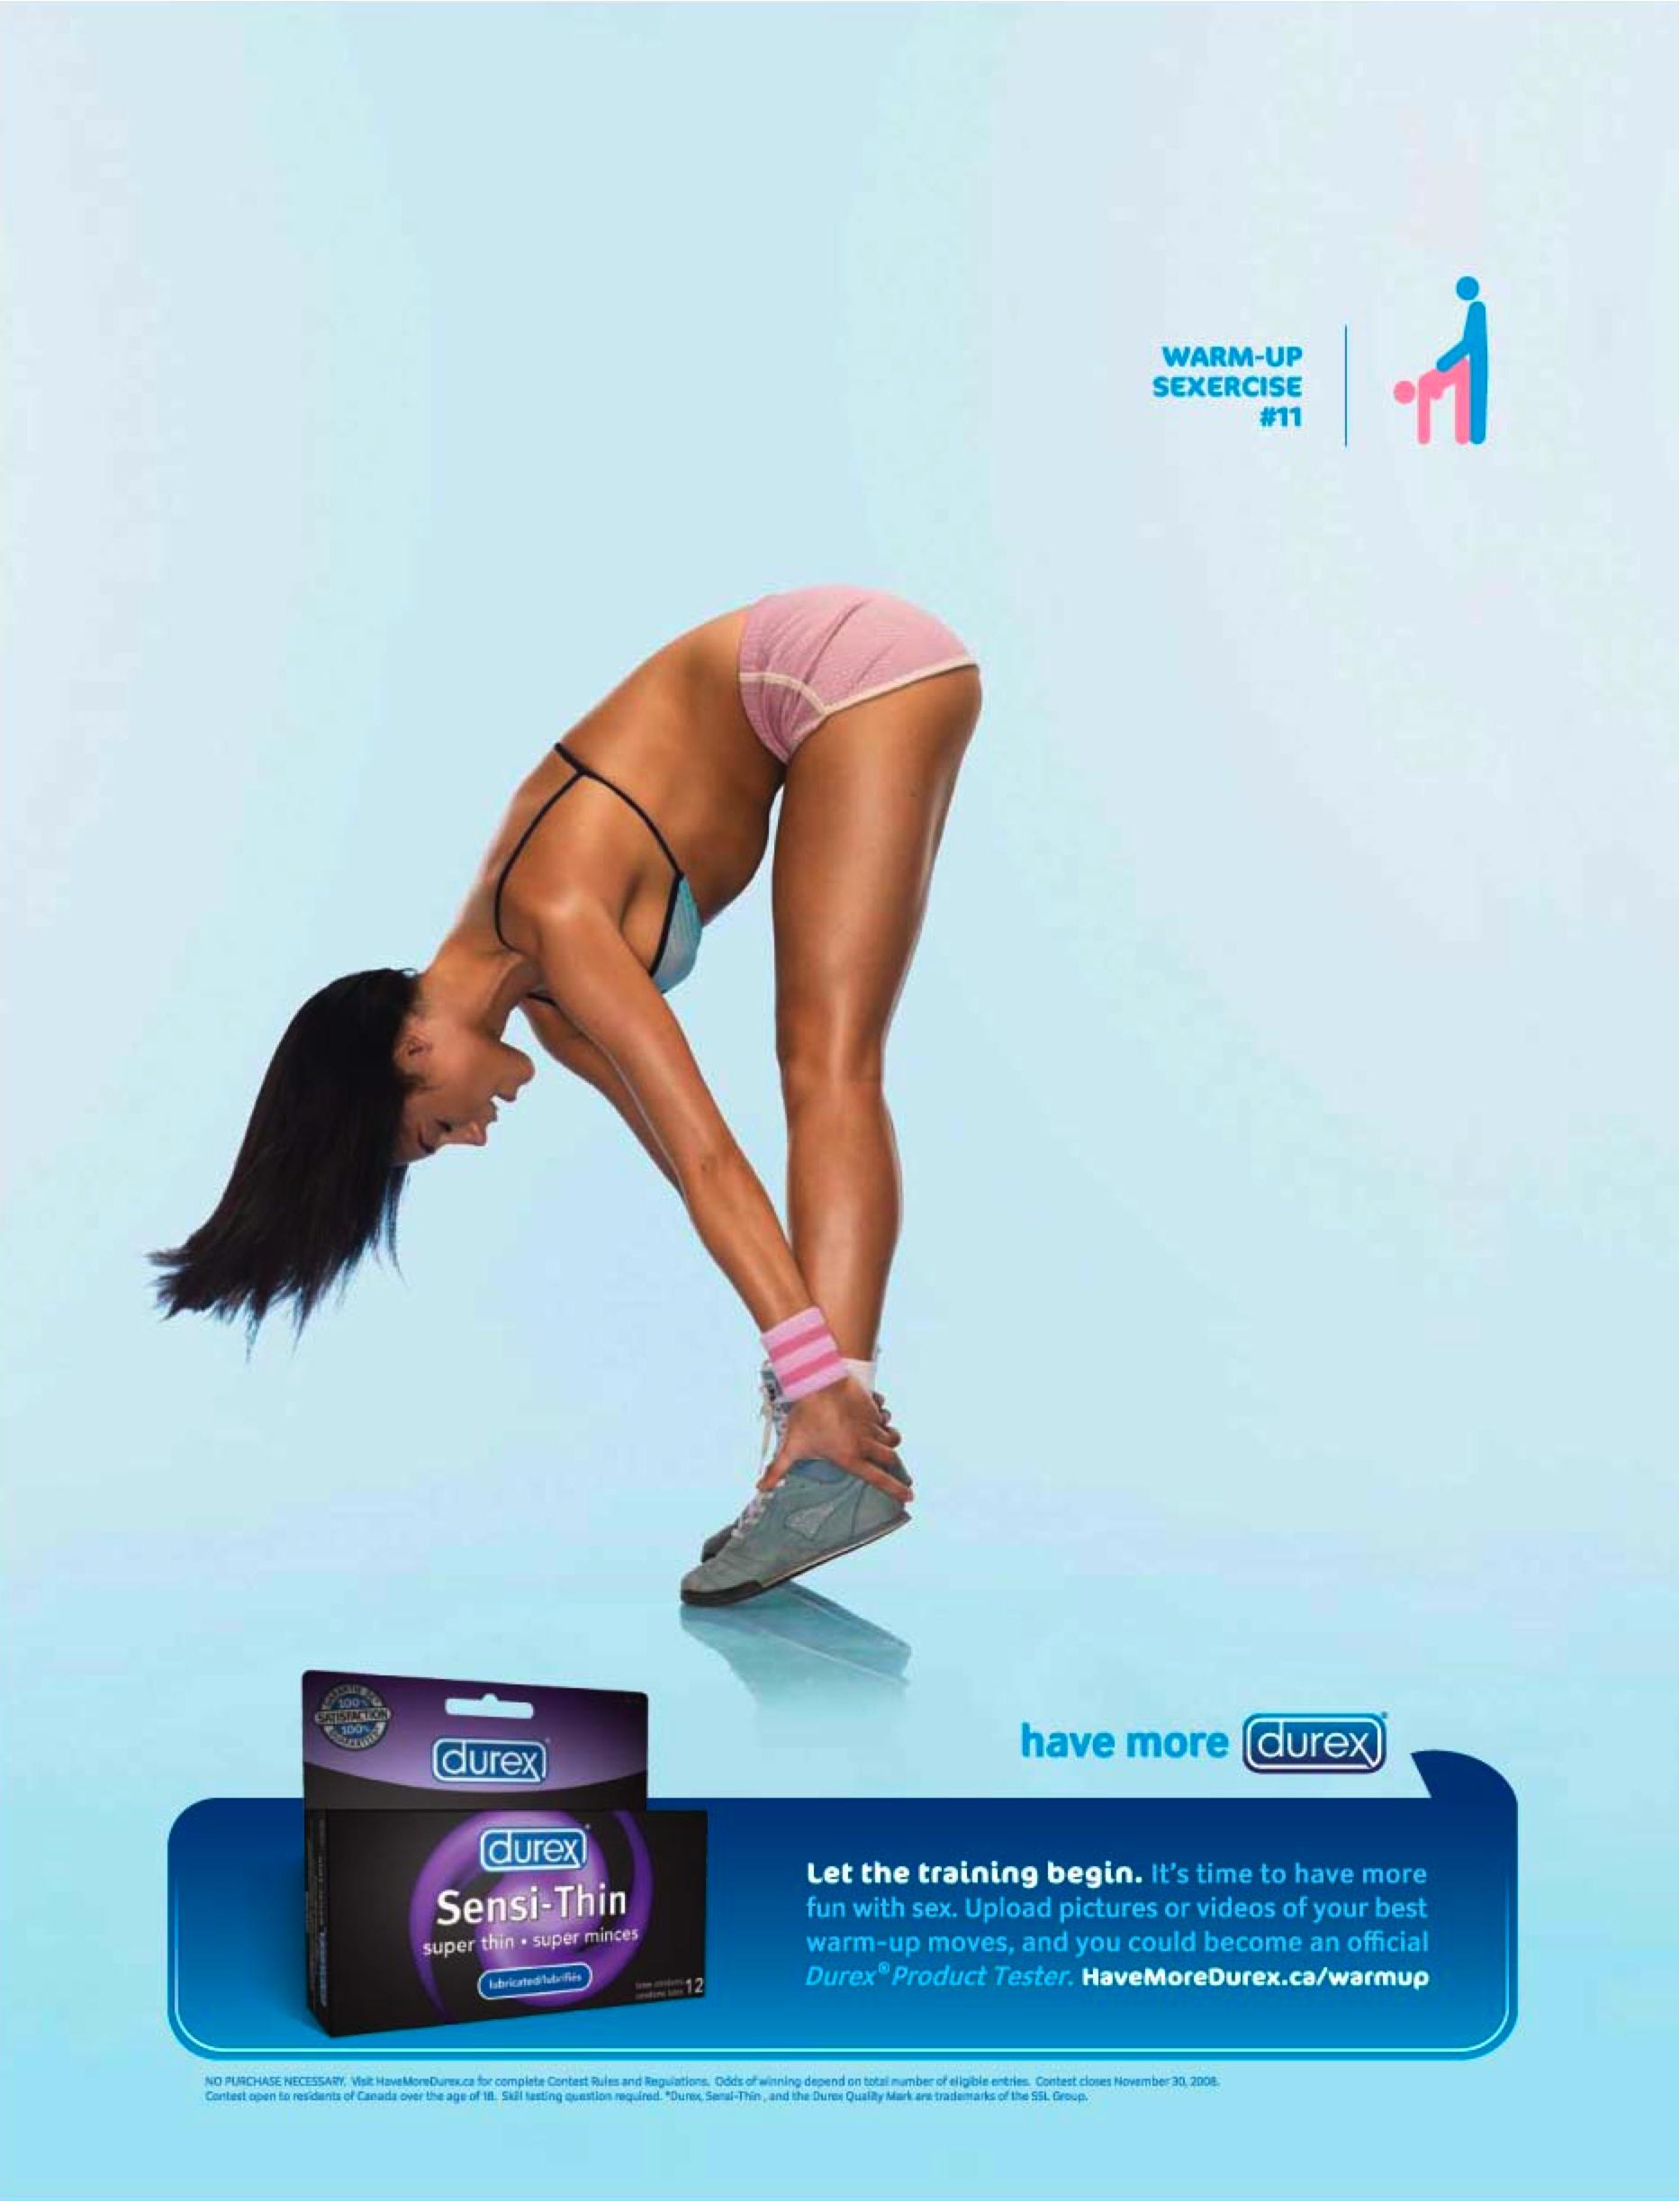 Durex Warm-up Sexercise #11.jpg